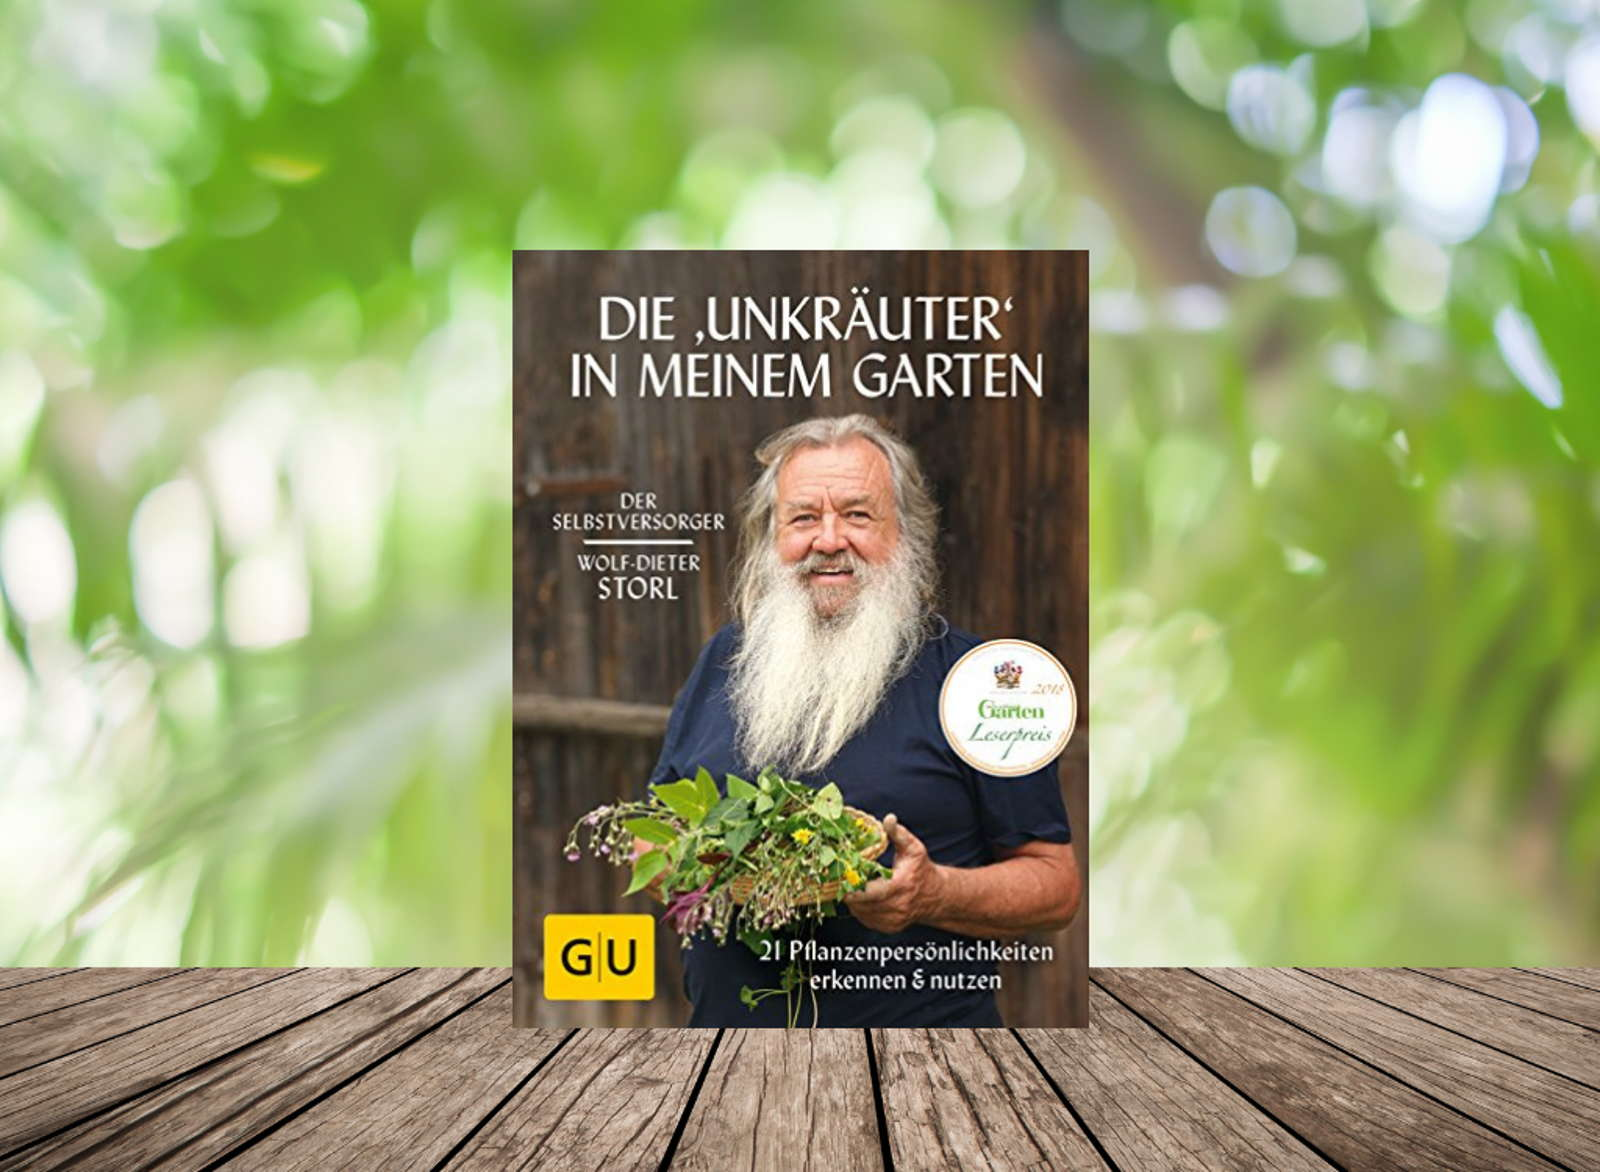 Gartenbücher Die 10 Besten Buchtipps Für Gartenfreunde Plantura